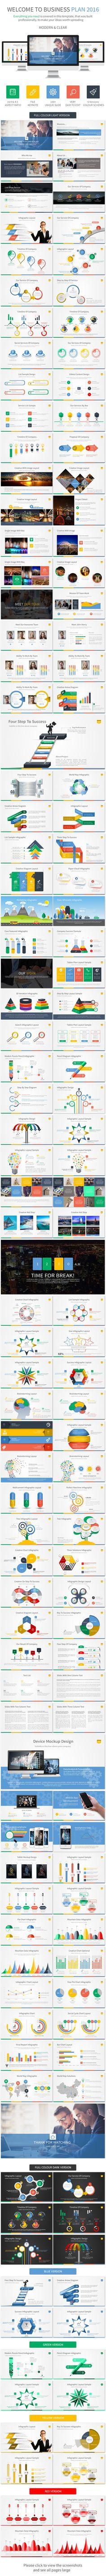 Business Plan 2016 Keynote Template. Download here: http://graphicriver.net/item/business-plan-2016-keynote-template/15675357?ref=ksioks